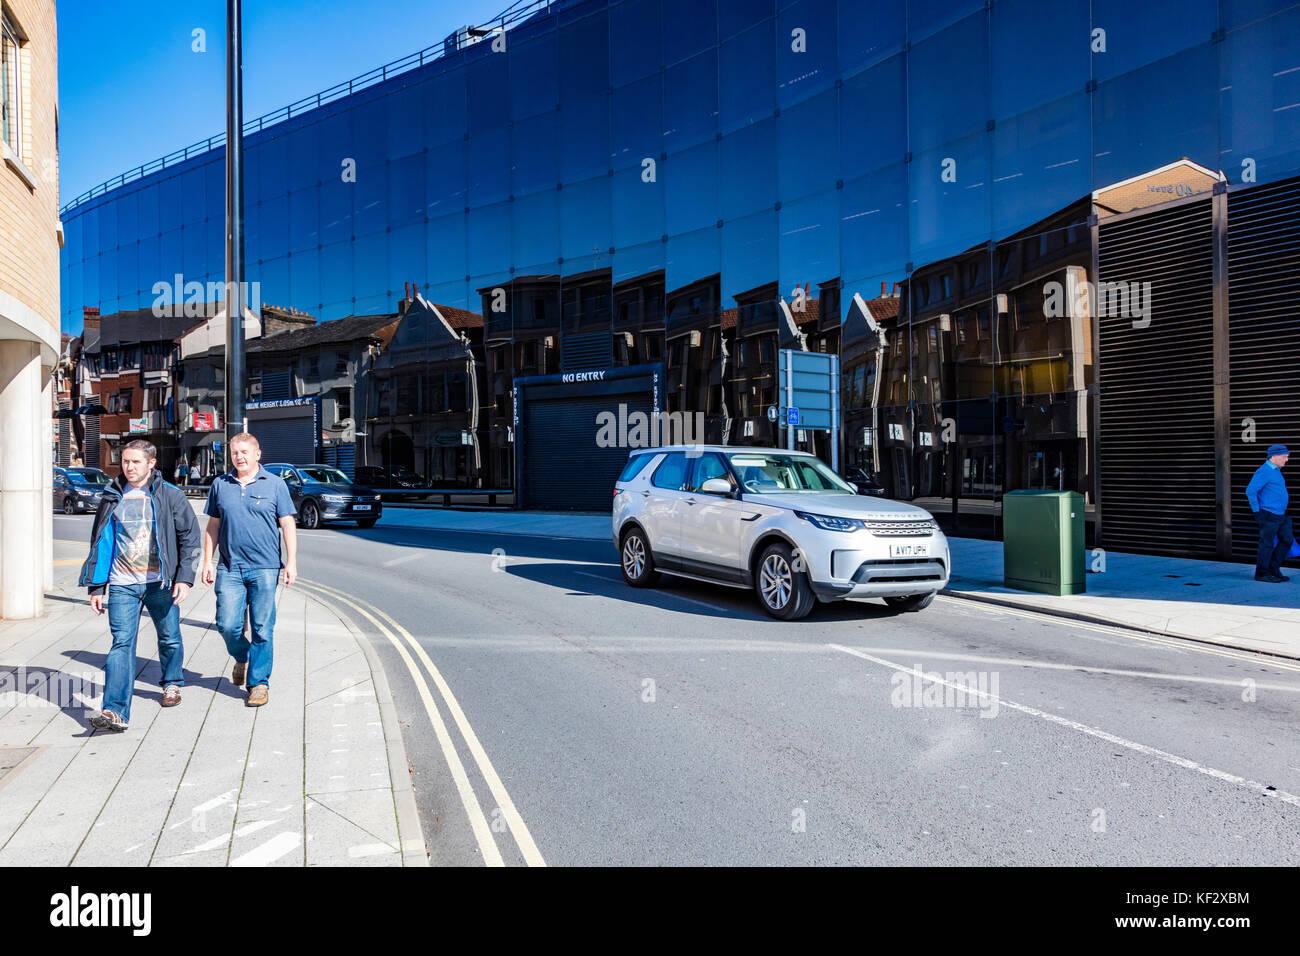 Ipswich City Stock Photos Amp Ipswich City Stock Images Alamy